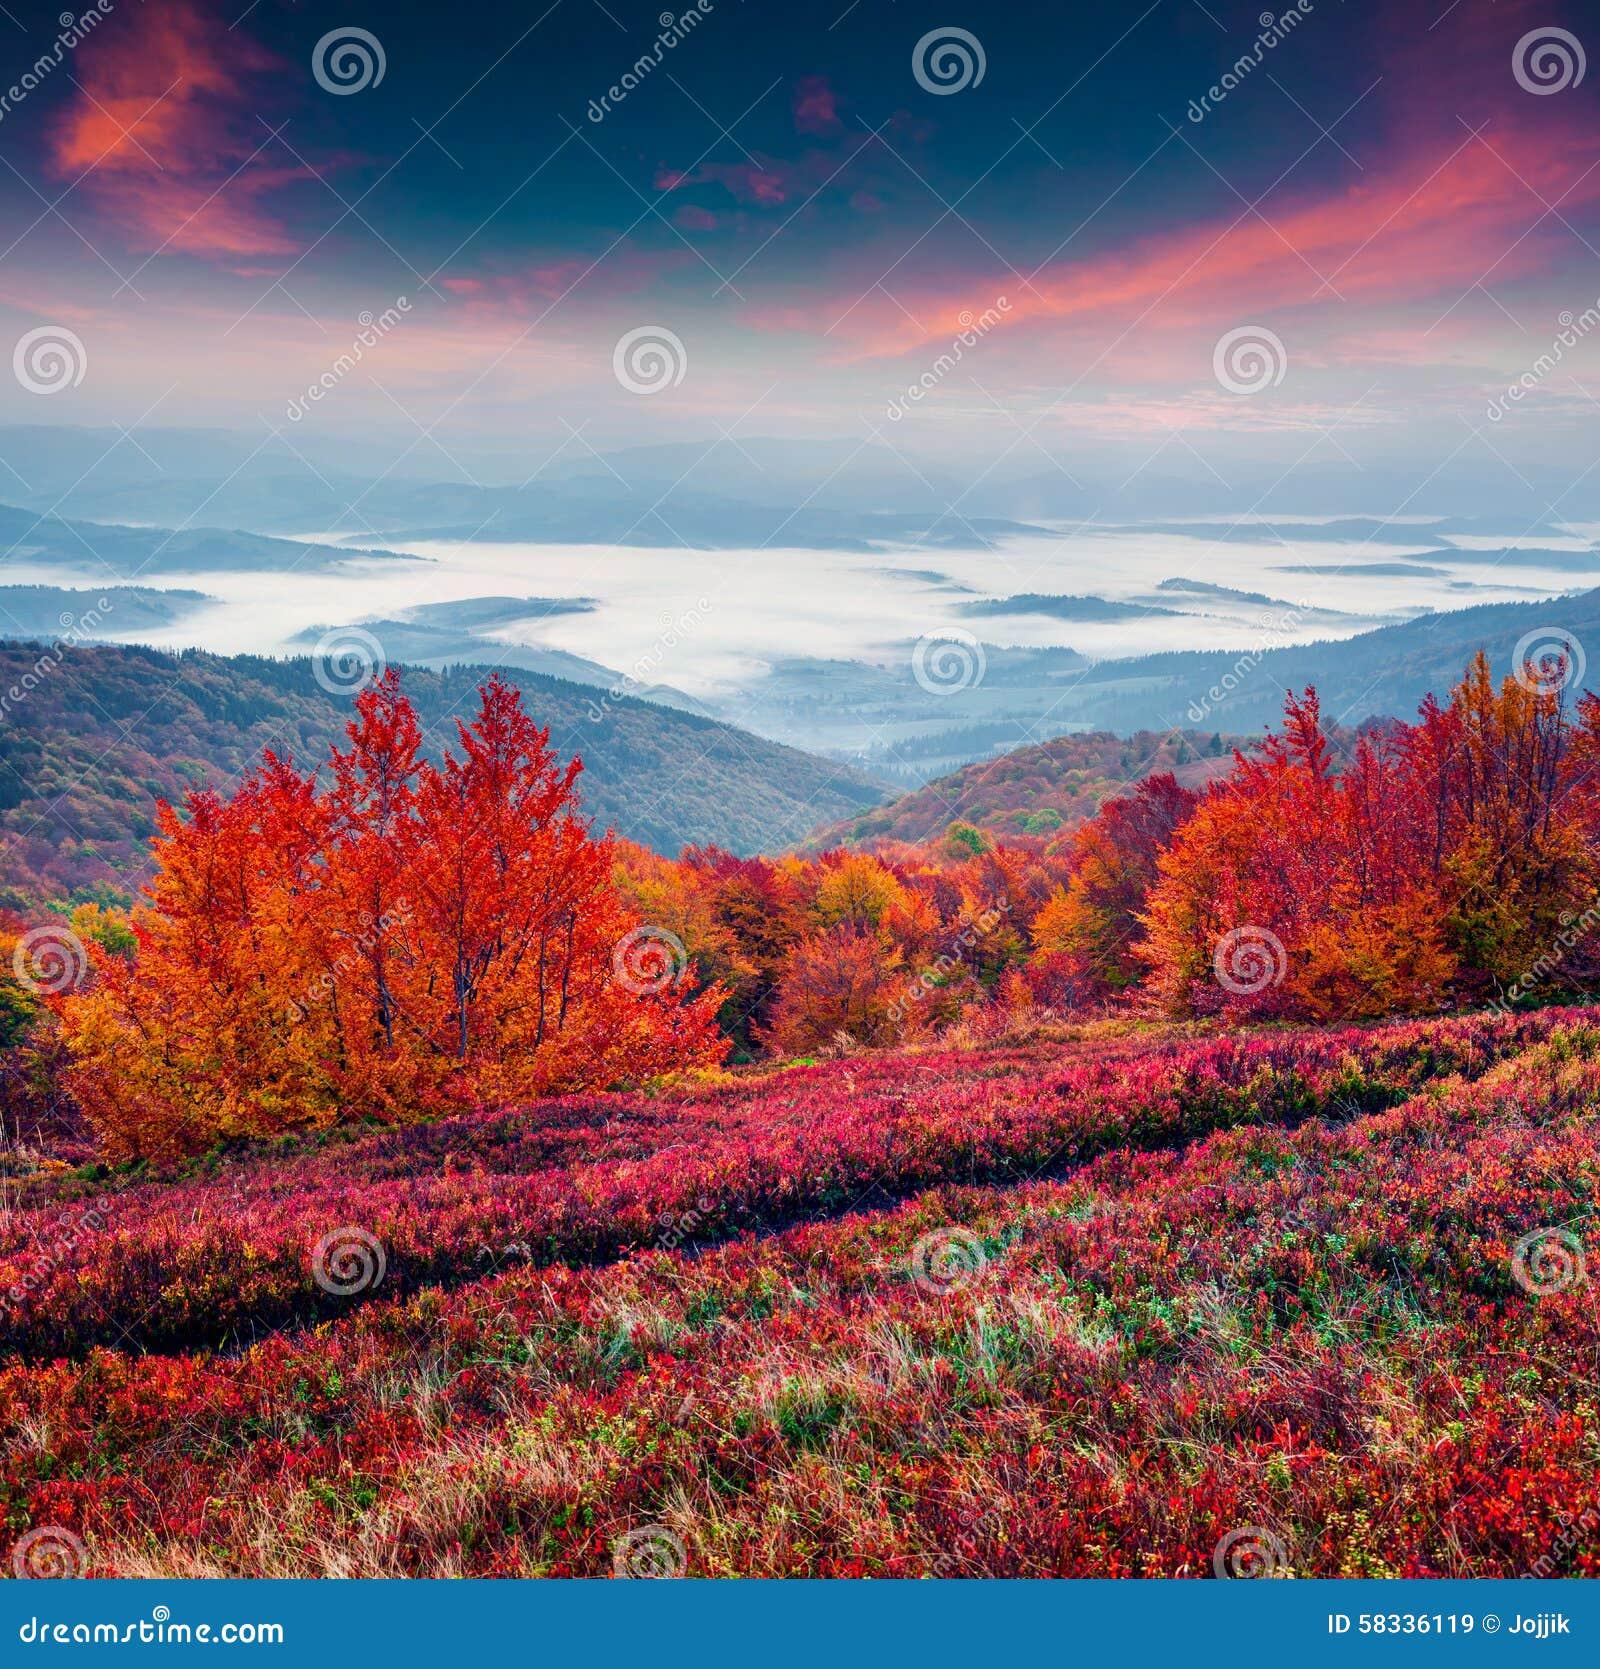 fantastic colors autumn landscape in the carpathian mountains royalty